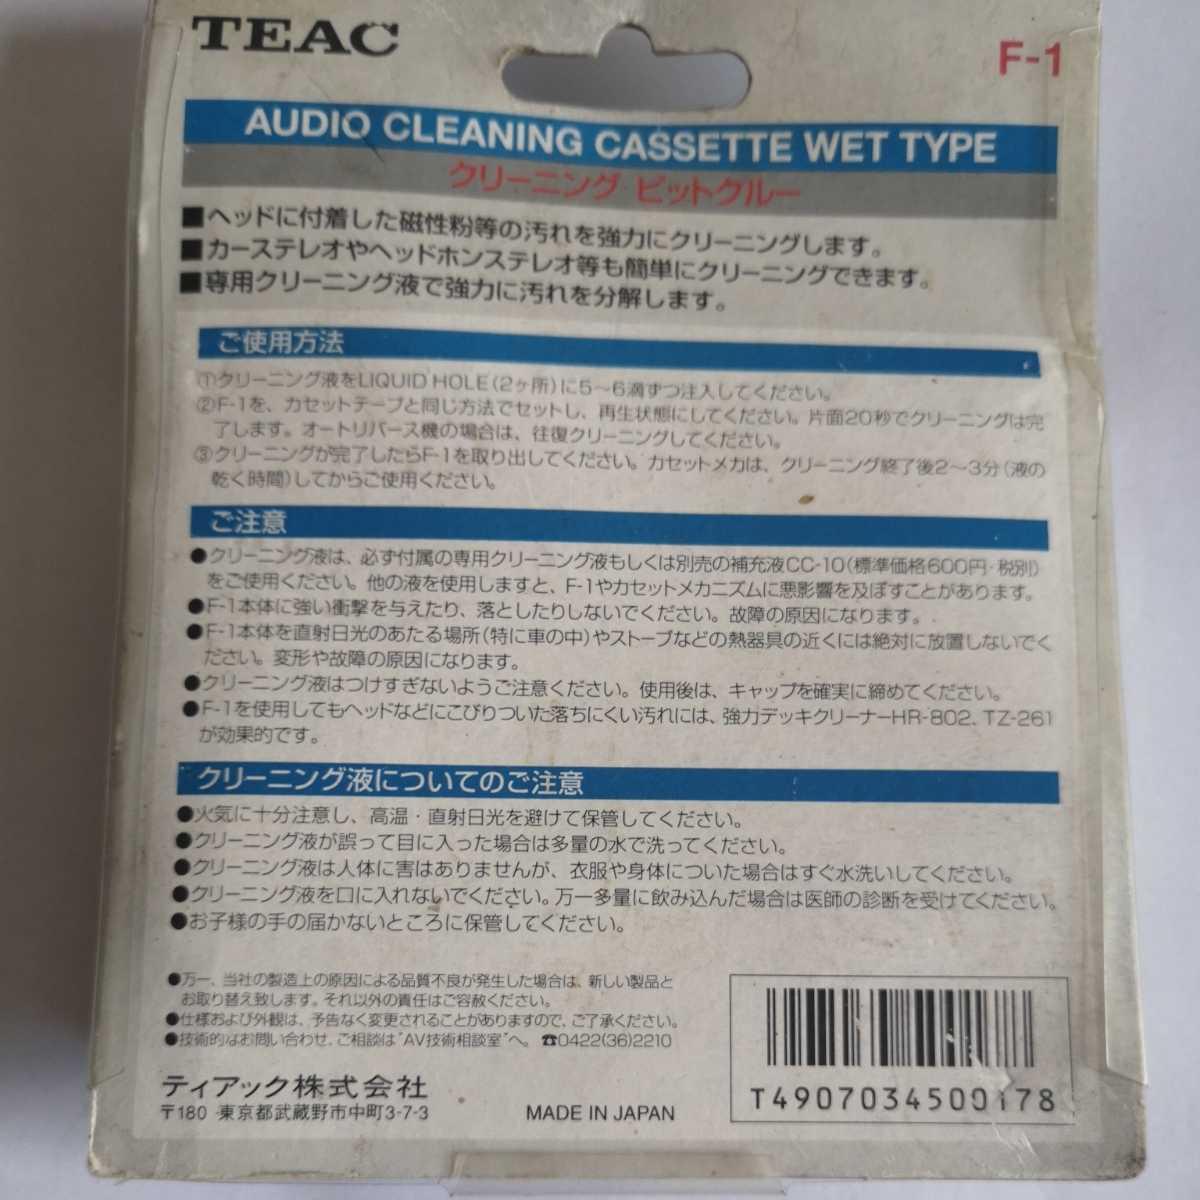 カセットテープ オープンリール TEAC F-1 ピットクルー ティアック クリーニング カセット 中古_画像4